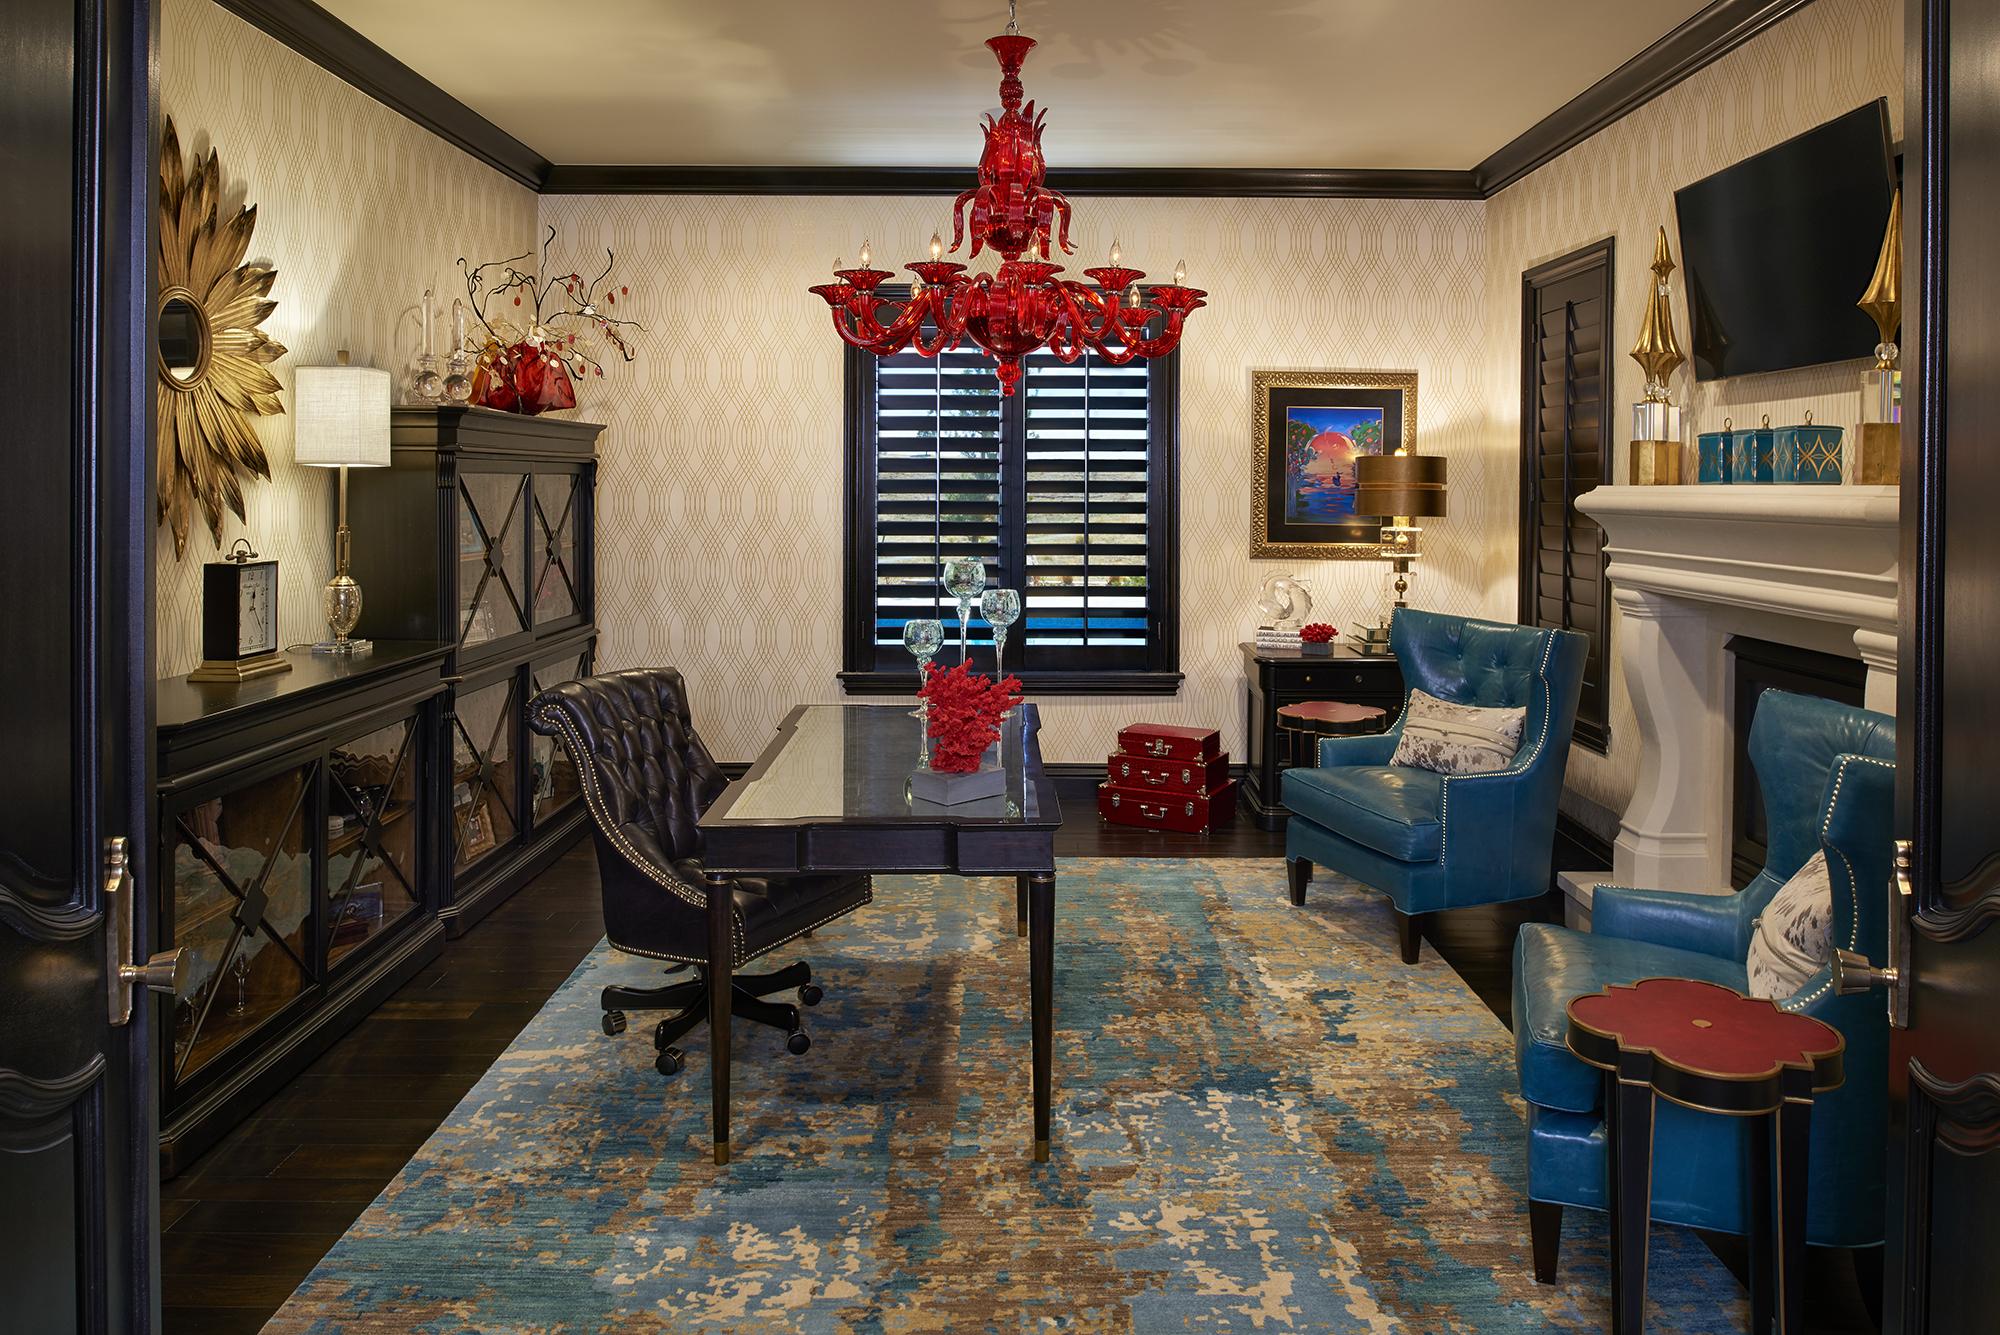 Interior designer centennial co home decor near me - How to be an interior designer ...